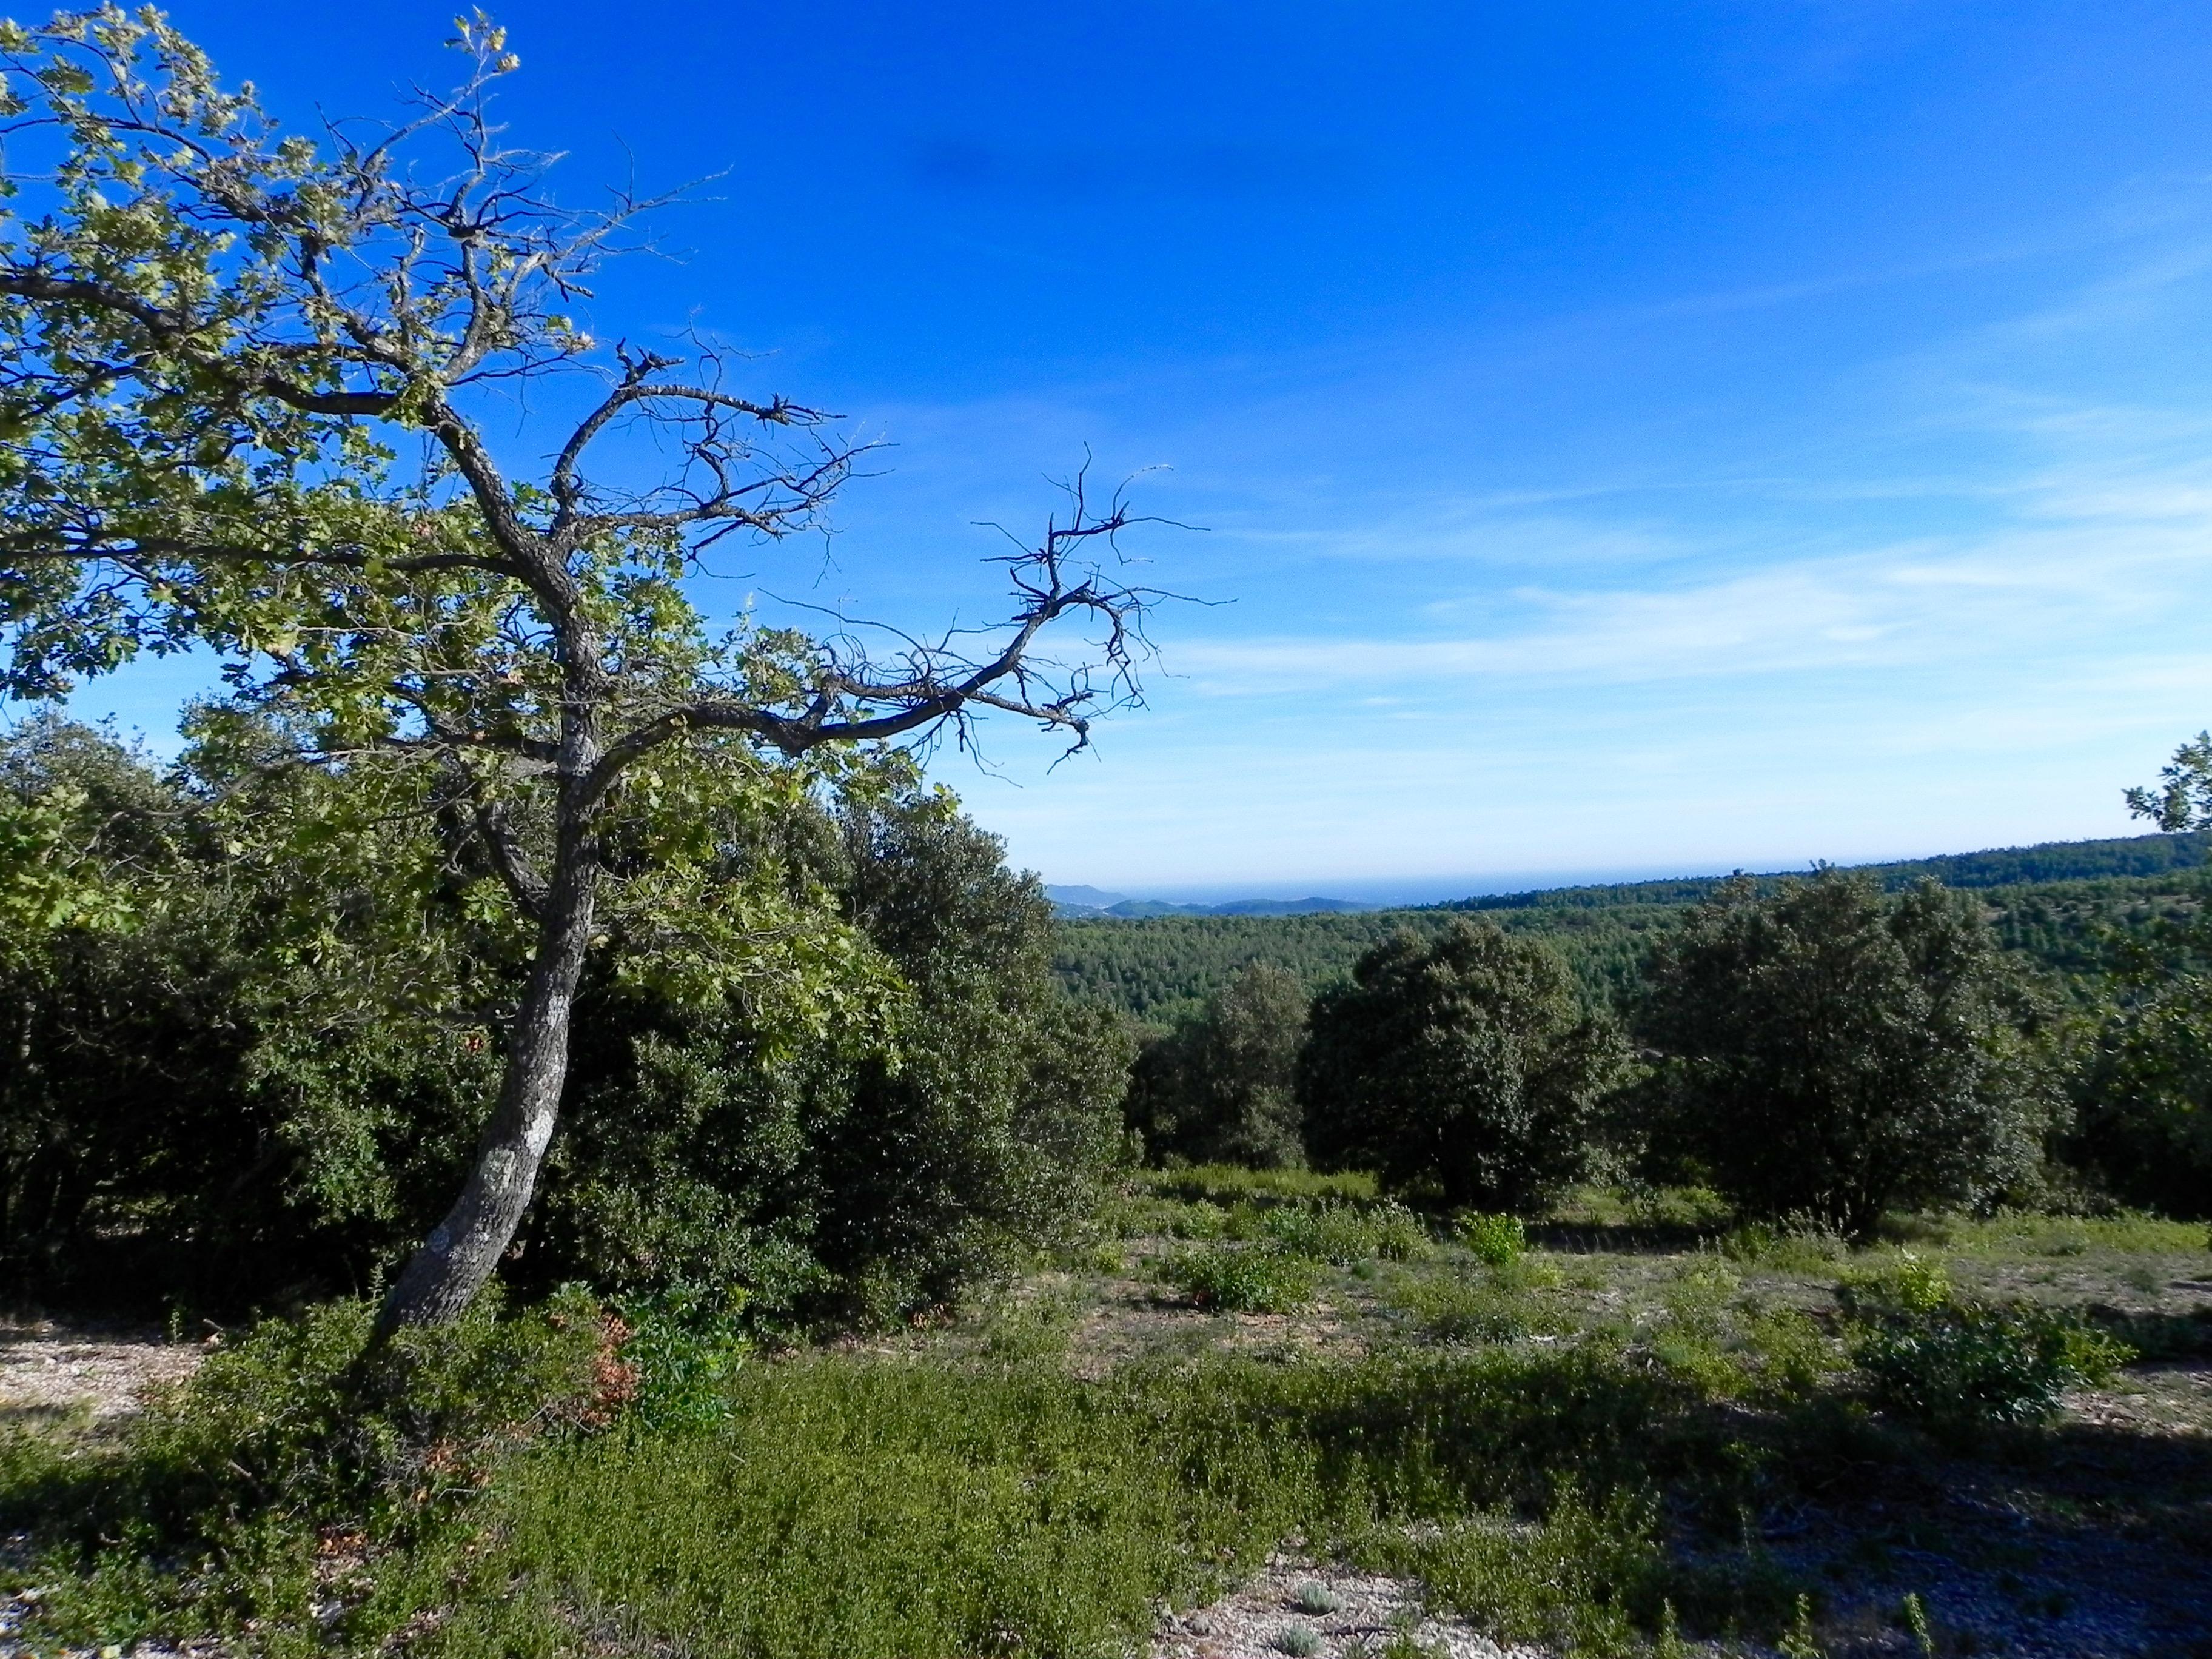 Webinaire - Effets de la pollution de l'air et du changement climatique sur les forêts méditerranéennes